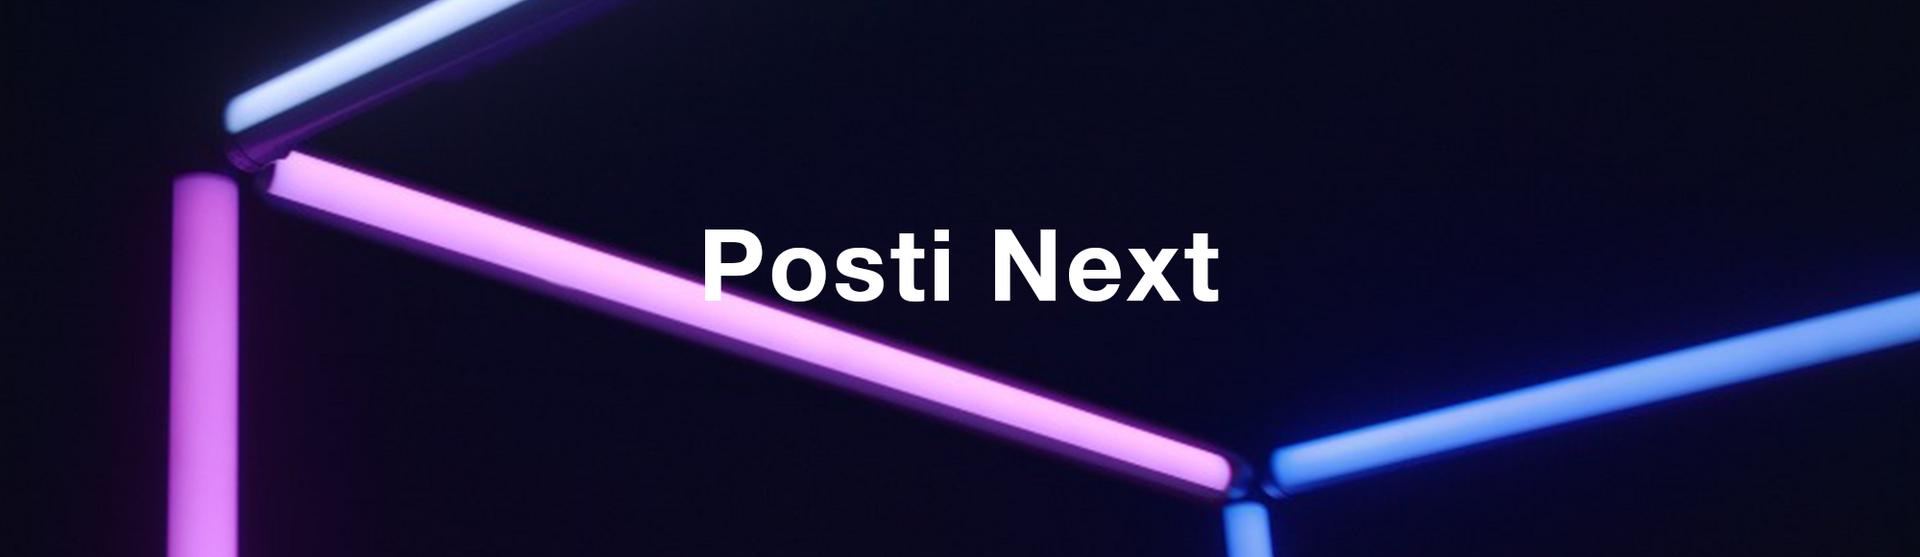 Posti Next